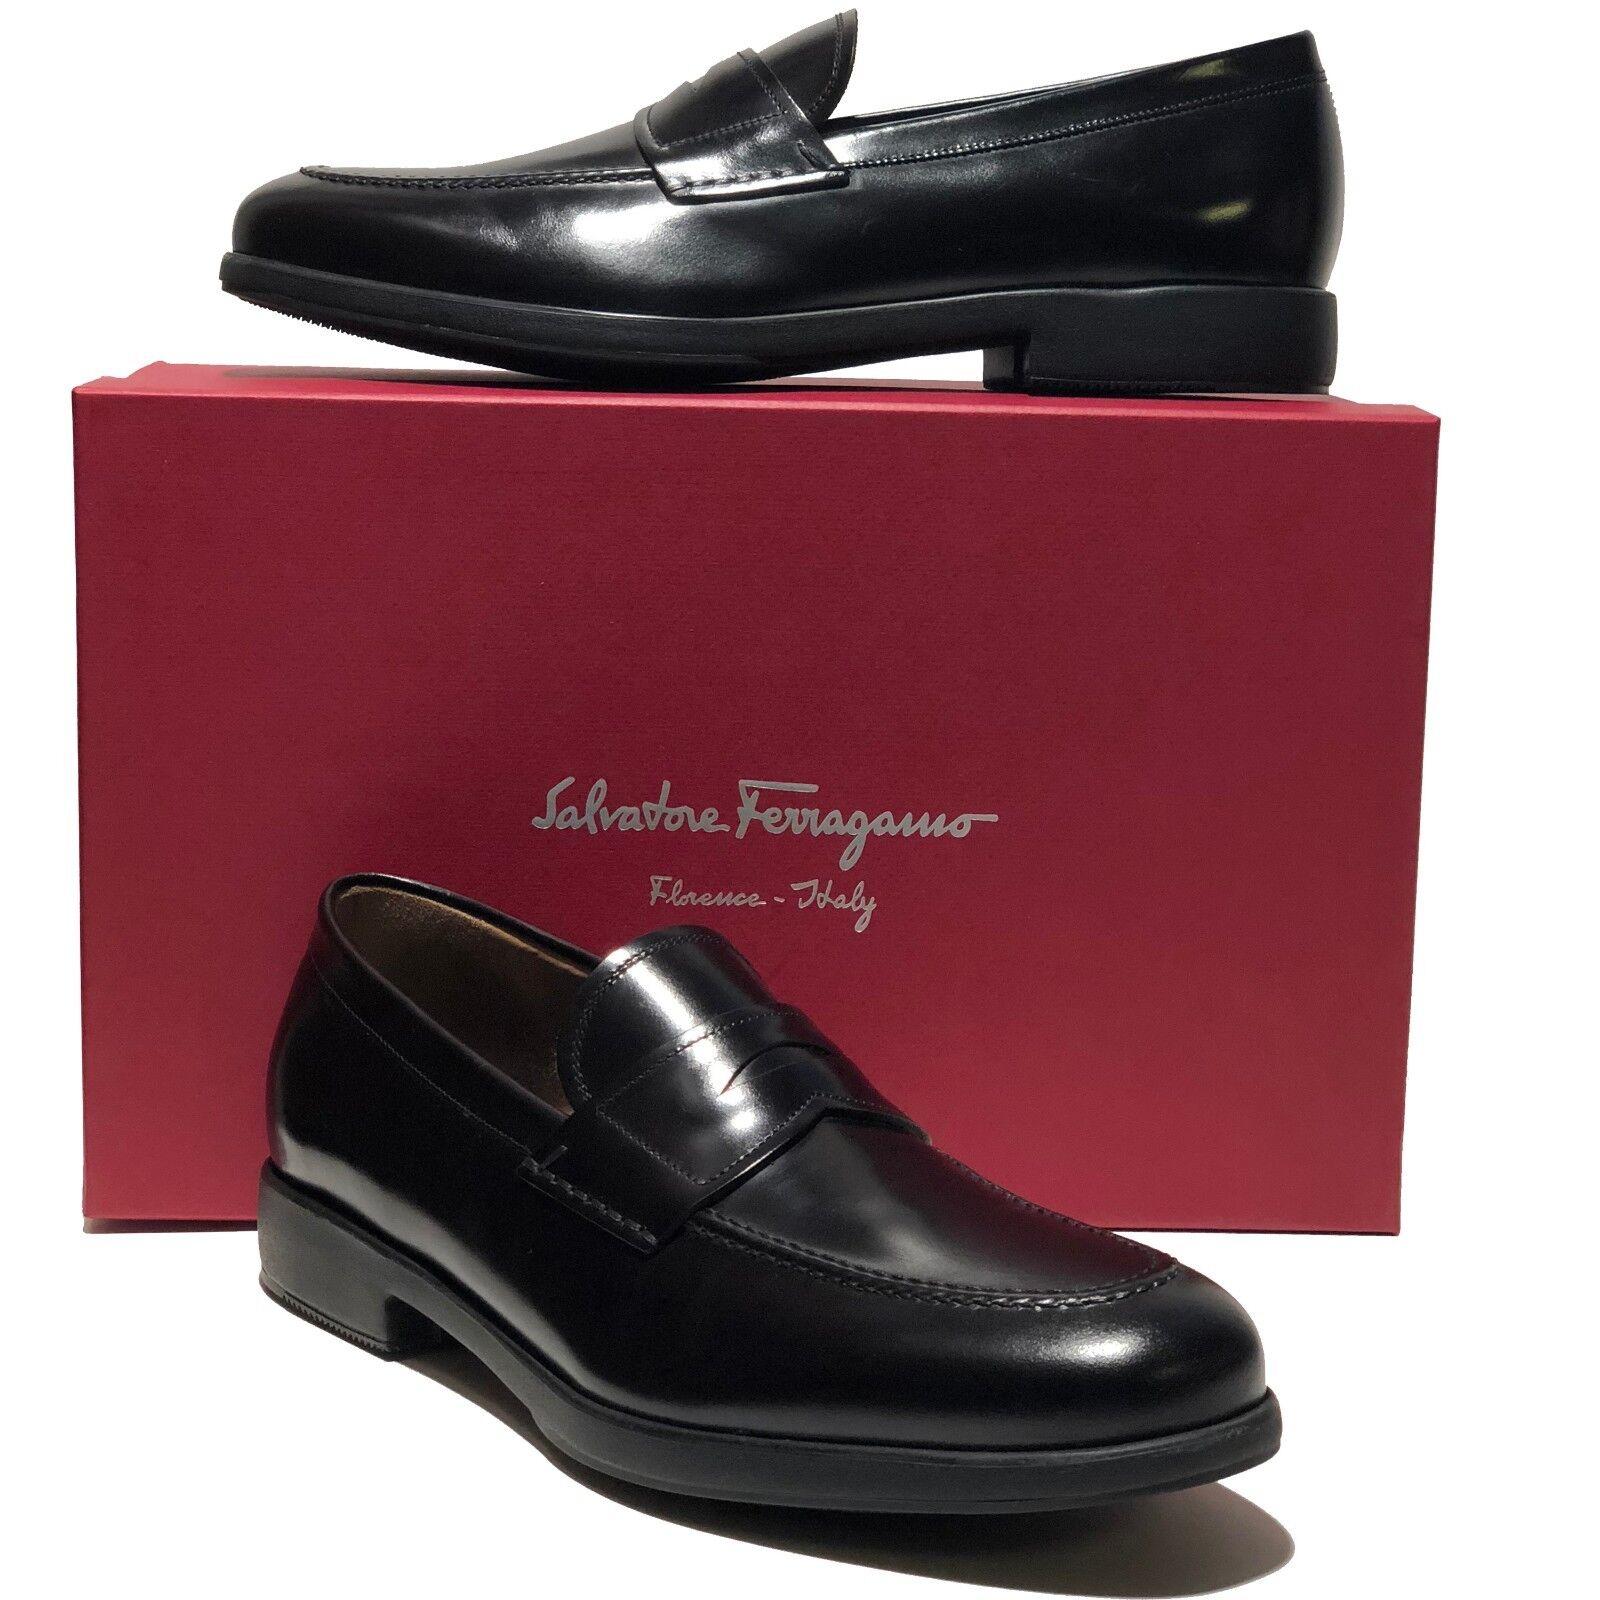 controlla il più economico Ferragamo nero Leather Fashion Penny Dress Loafers Loafers Loafers Uomo Casual Moccasin Formal  forniamo il meglio